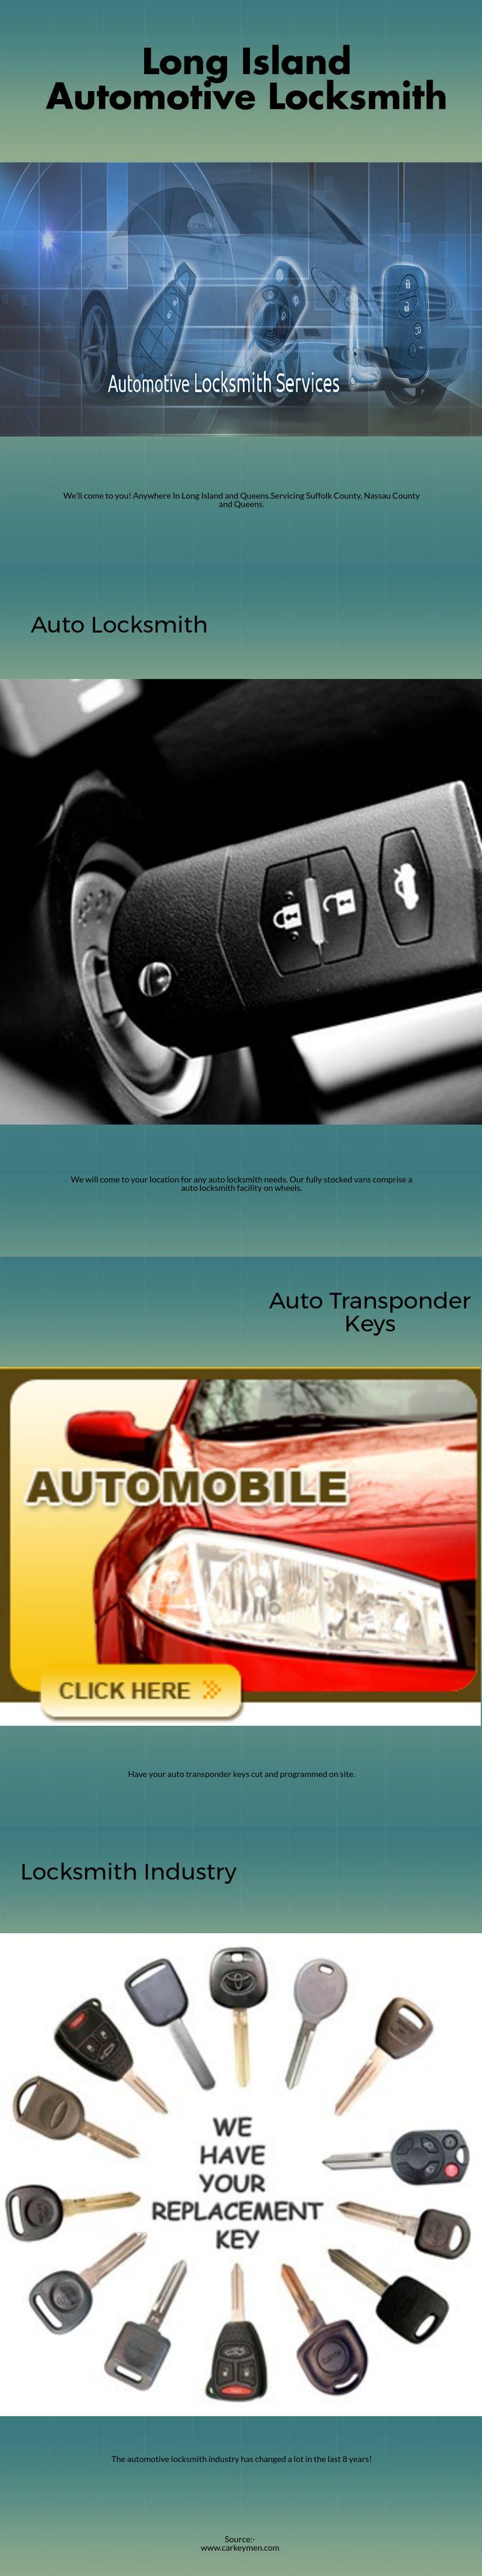 Car key carkeymen on pinterest